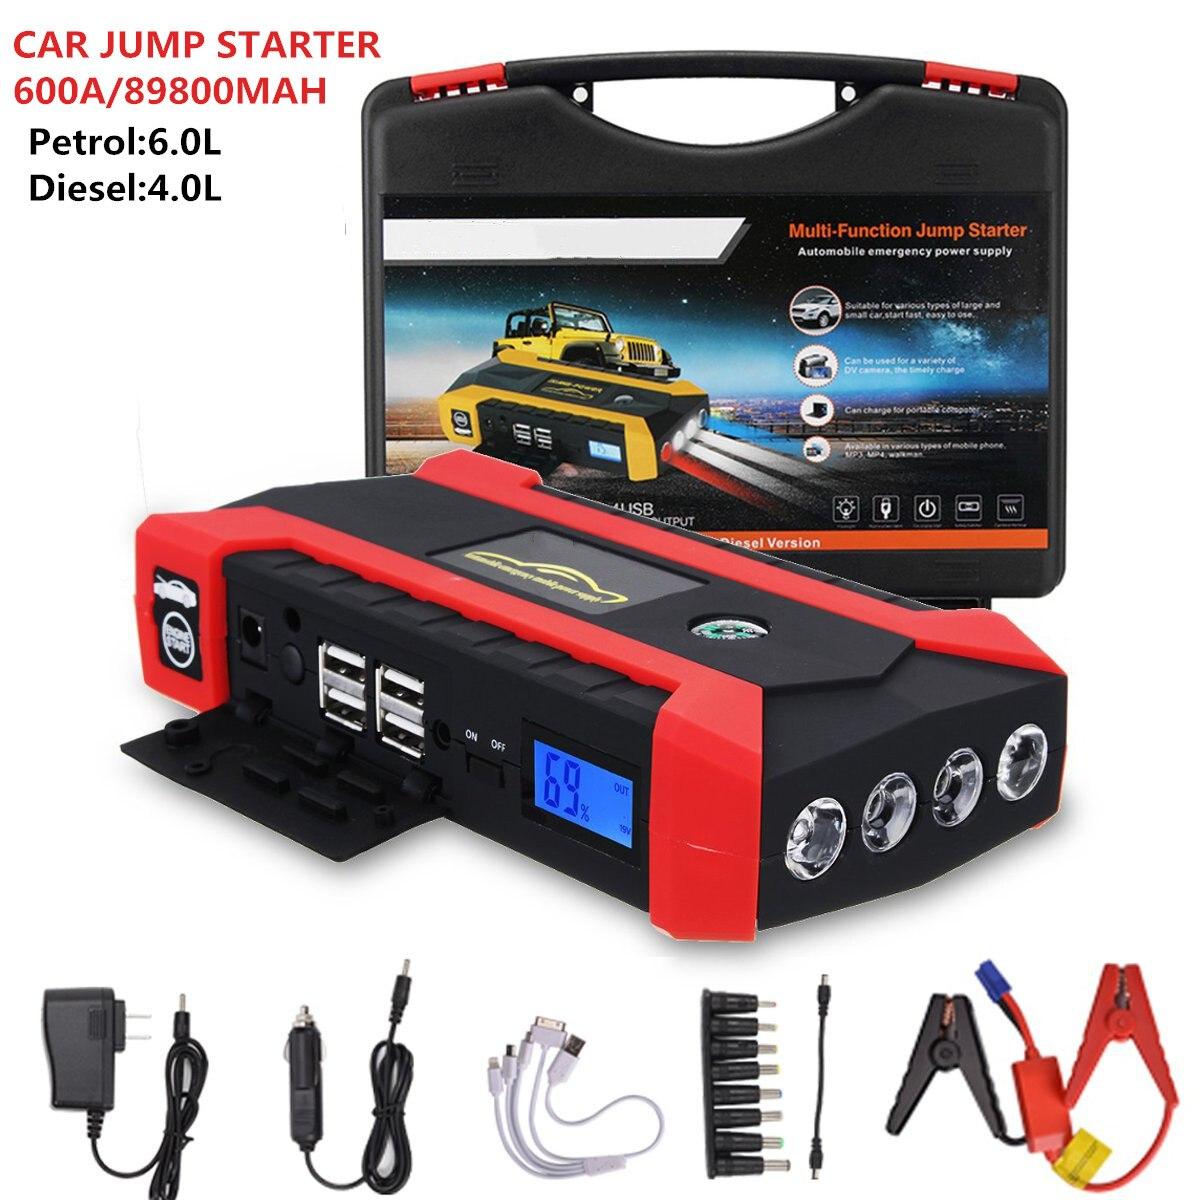 12 V 600A Portable voiture saut démarreur multifonction Auto voiture chargeur Booster chargeur chargeur portatif de secours dispositif de démarrage